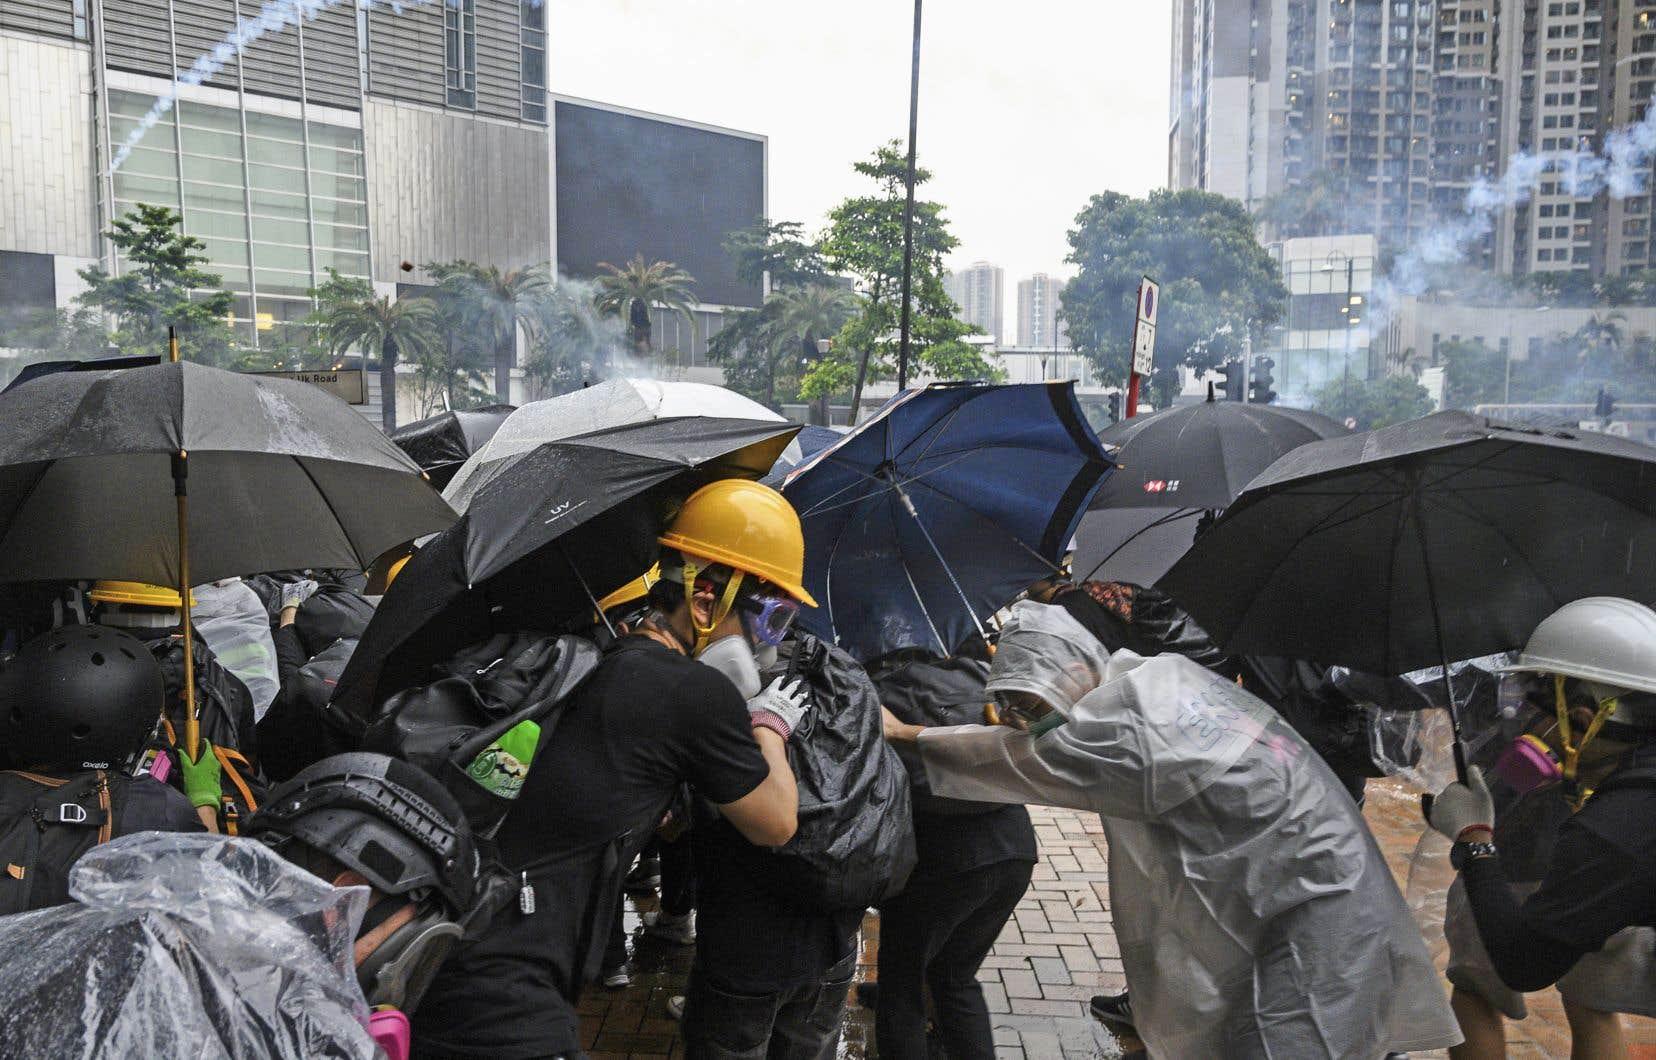 Après avoir tiré des gaz lacrymogènes qui n'ont pas eu l'effet escompté, la police a utilisé des canons à eau contre les manifestants.